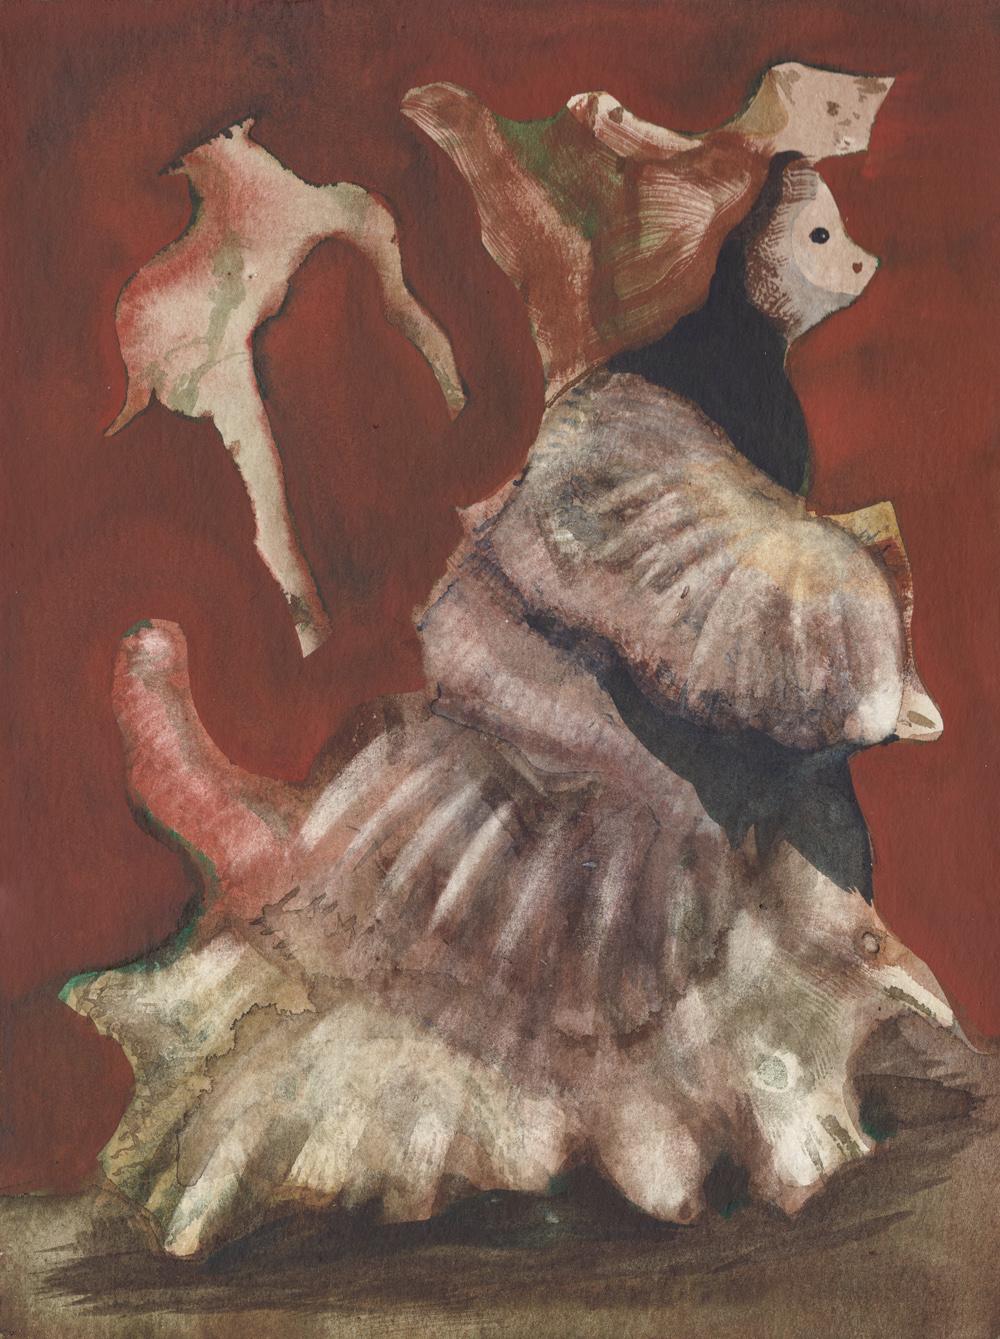 Apparition des frotti-frotta de la duchesse et de ses promenades | Apparition des frotti-frotta de la duchesse et de ses promenades | Ludovic Boulard Le Fur